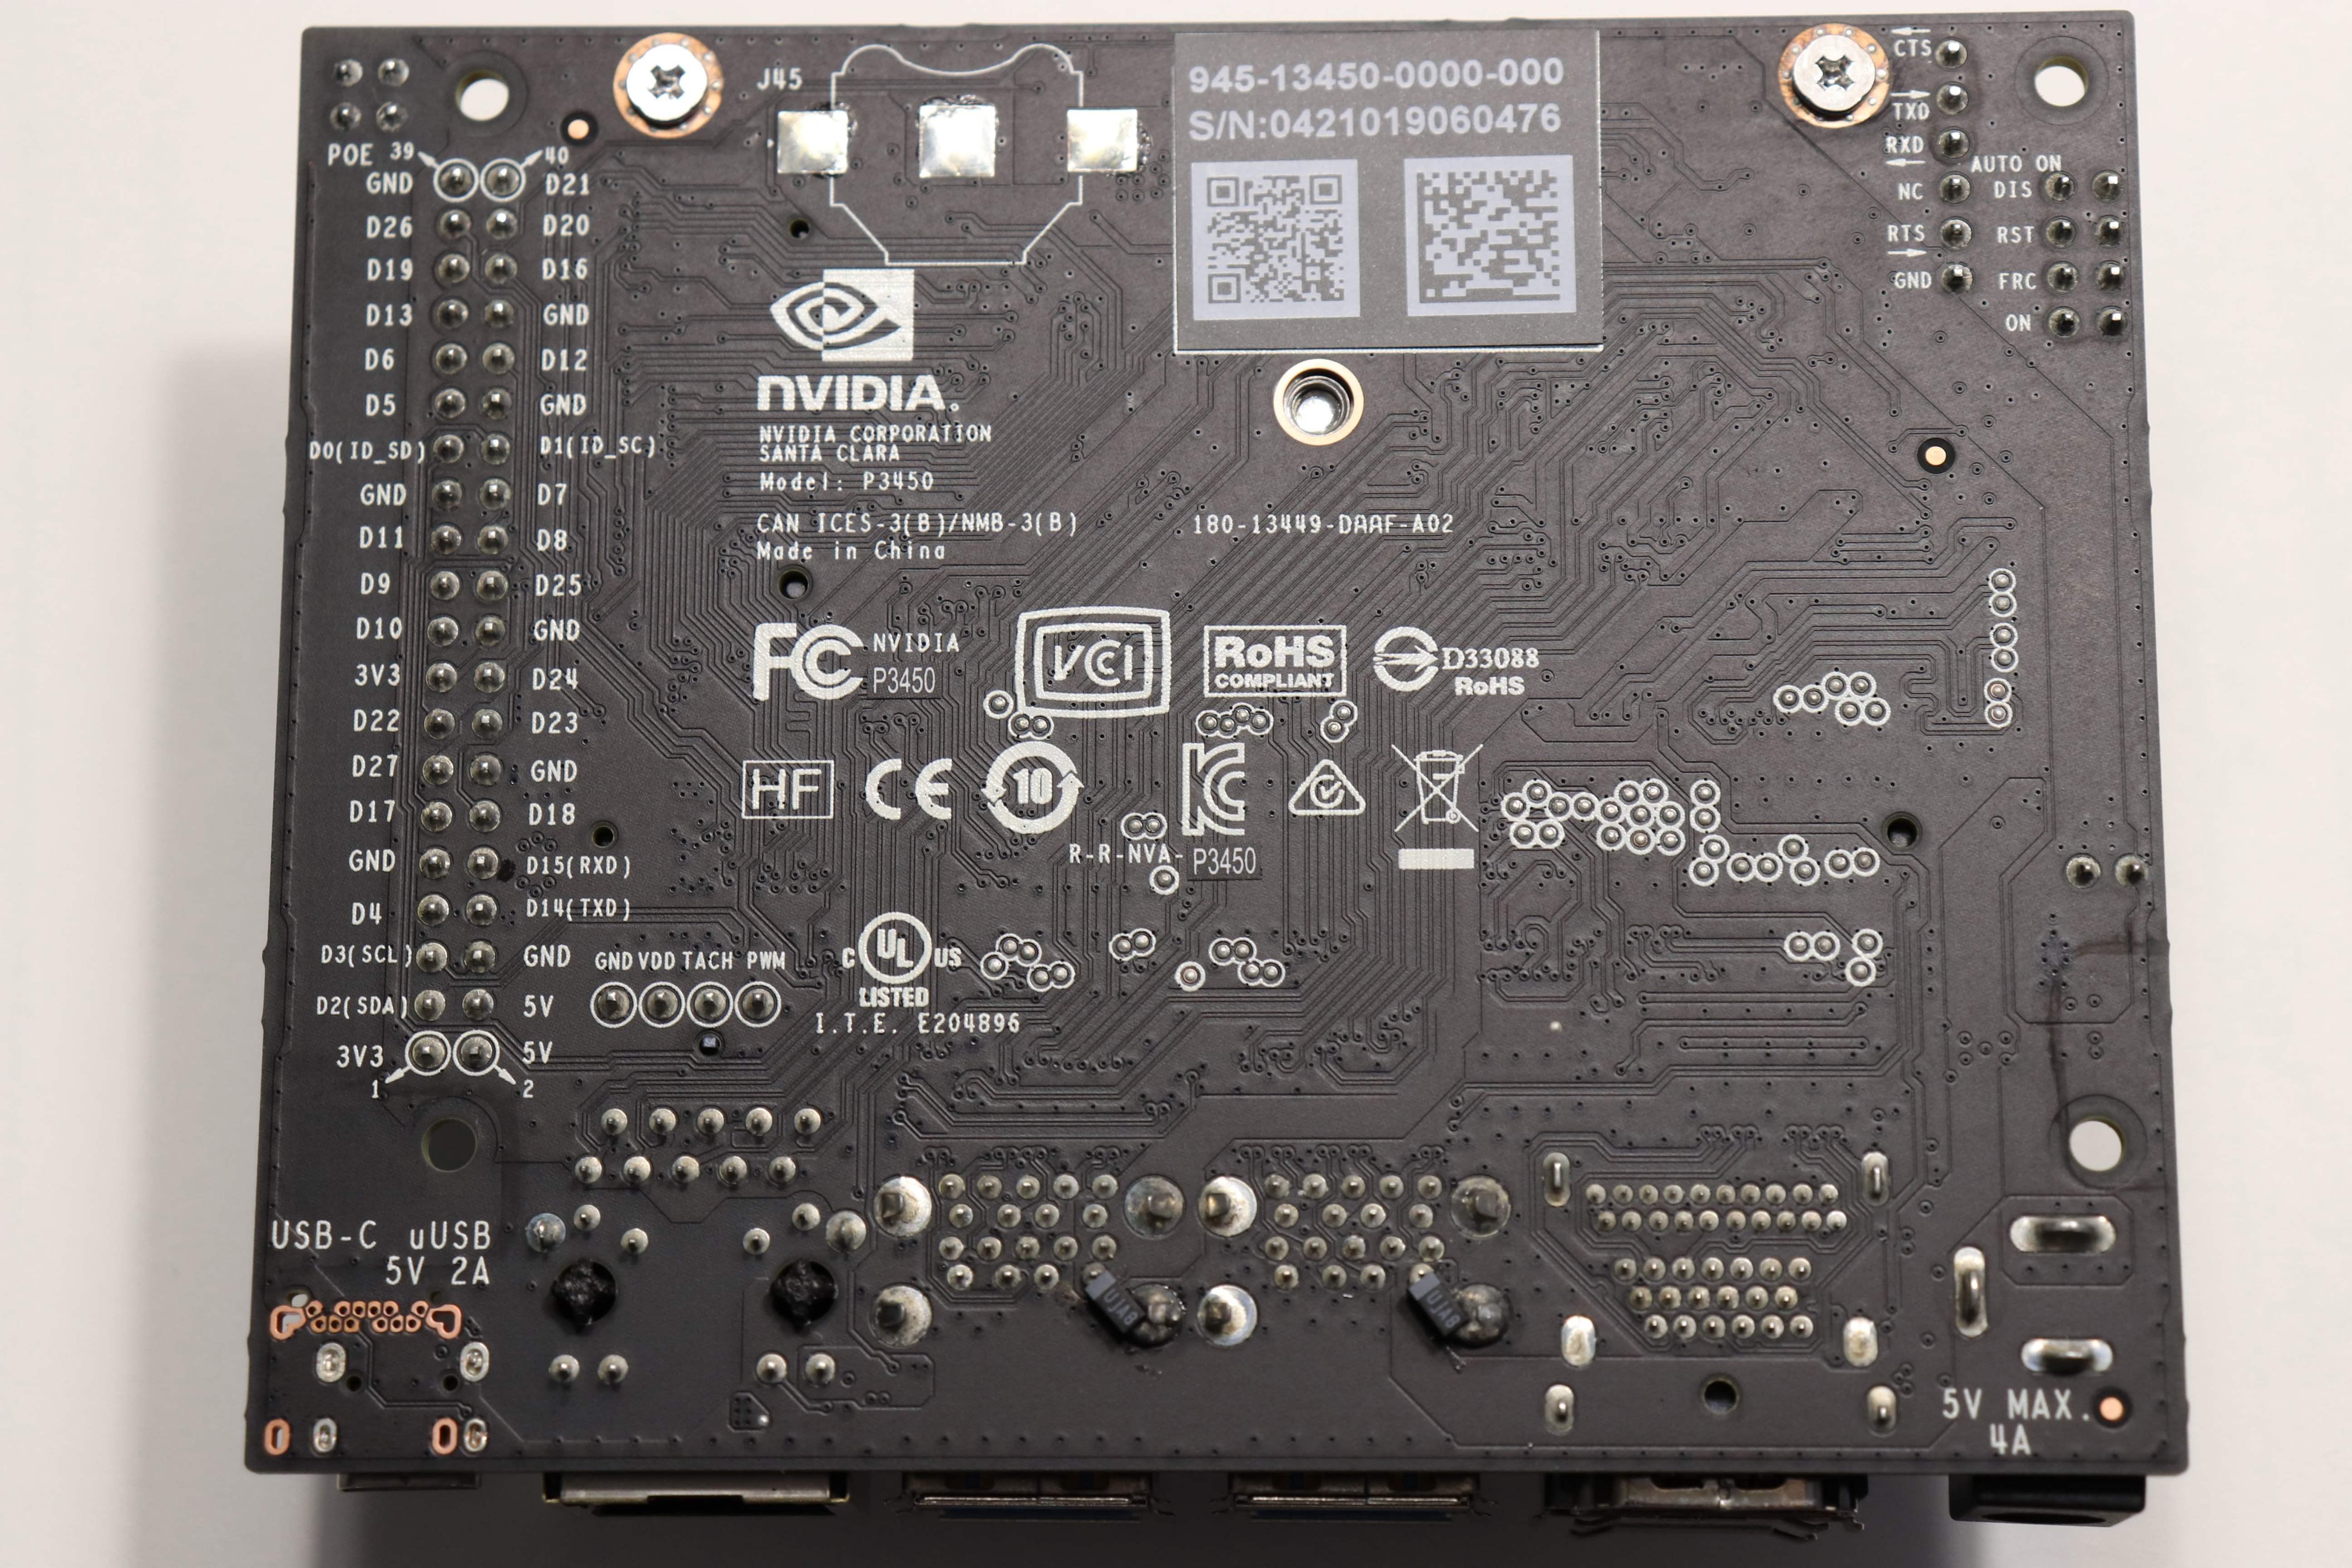 Jetson Nano, Carrier Board Underside